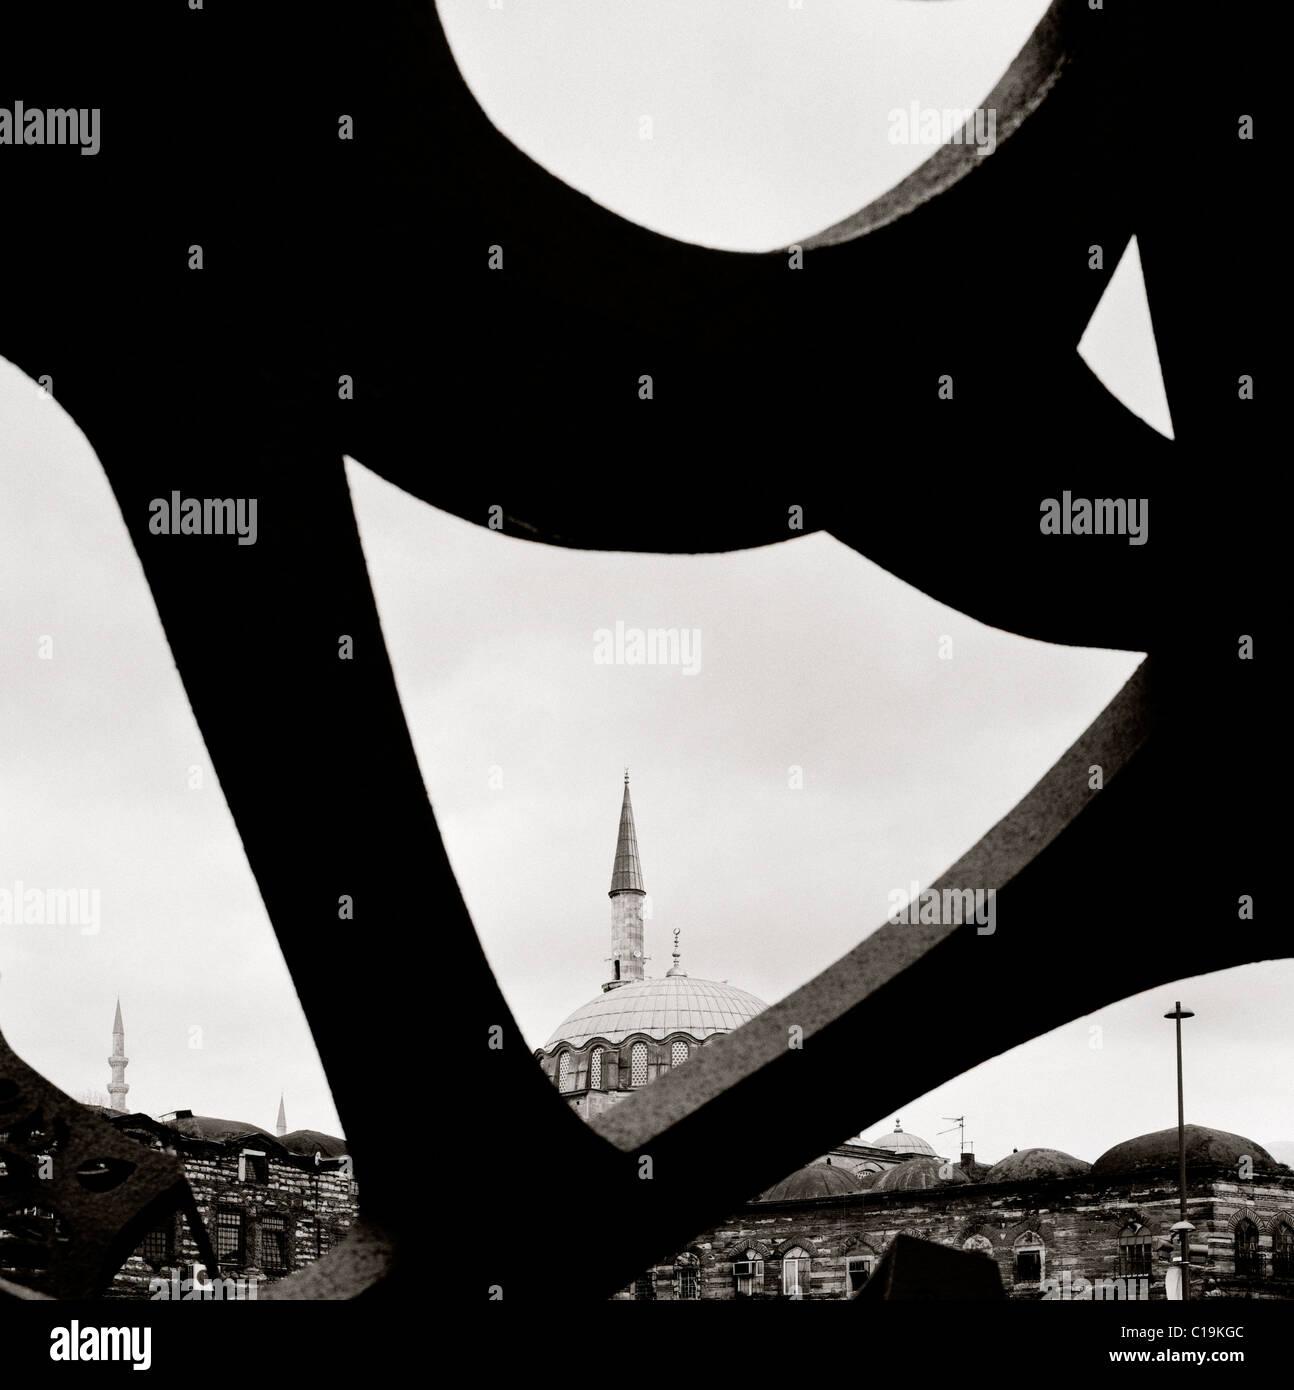 El arte abstracto y la moderna mezquita islámica en Estambul en Turquía en Oriente Medio y Asia. Brutalismo Imagen De Stock